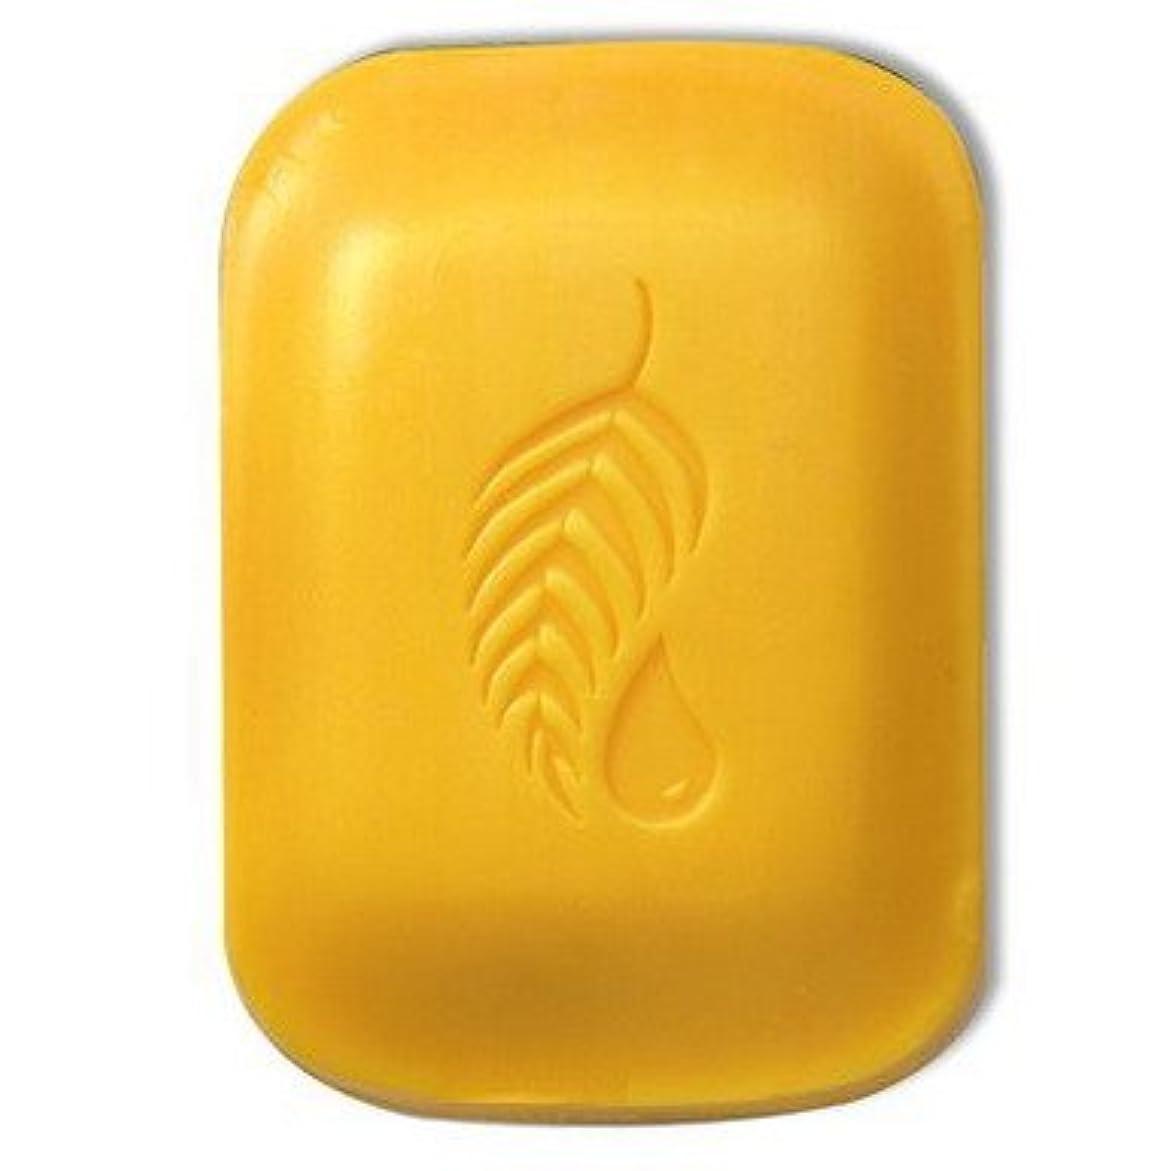 発見する西アプローチ【Melaleuca(メラルーカ)】ゴールド バー トライアルサイズ42.5g [並行輸入品]